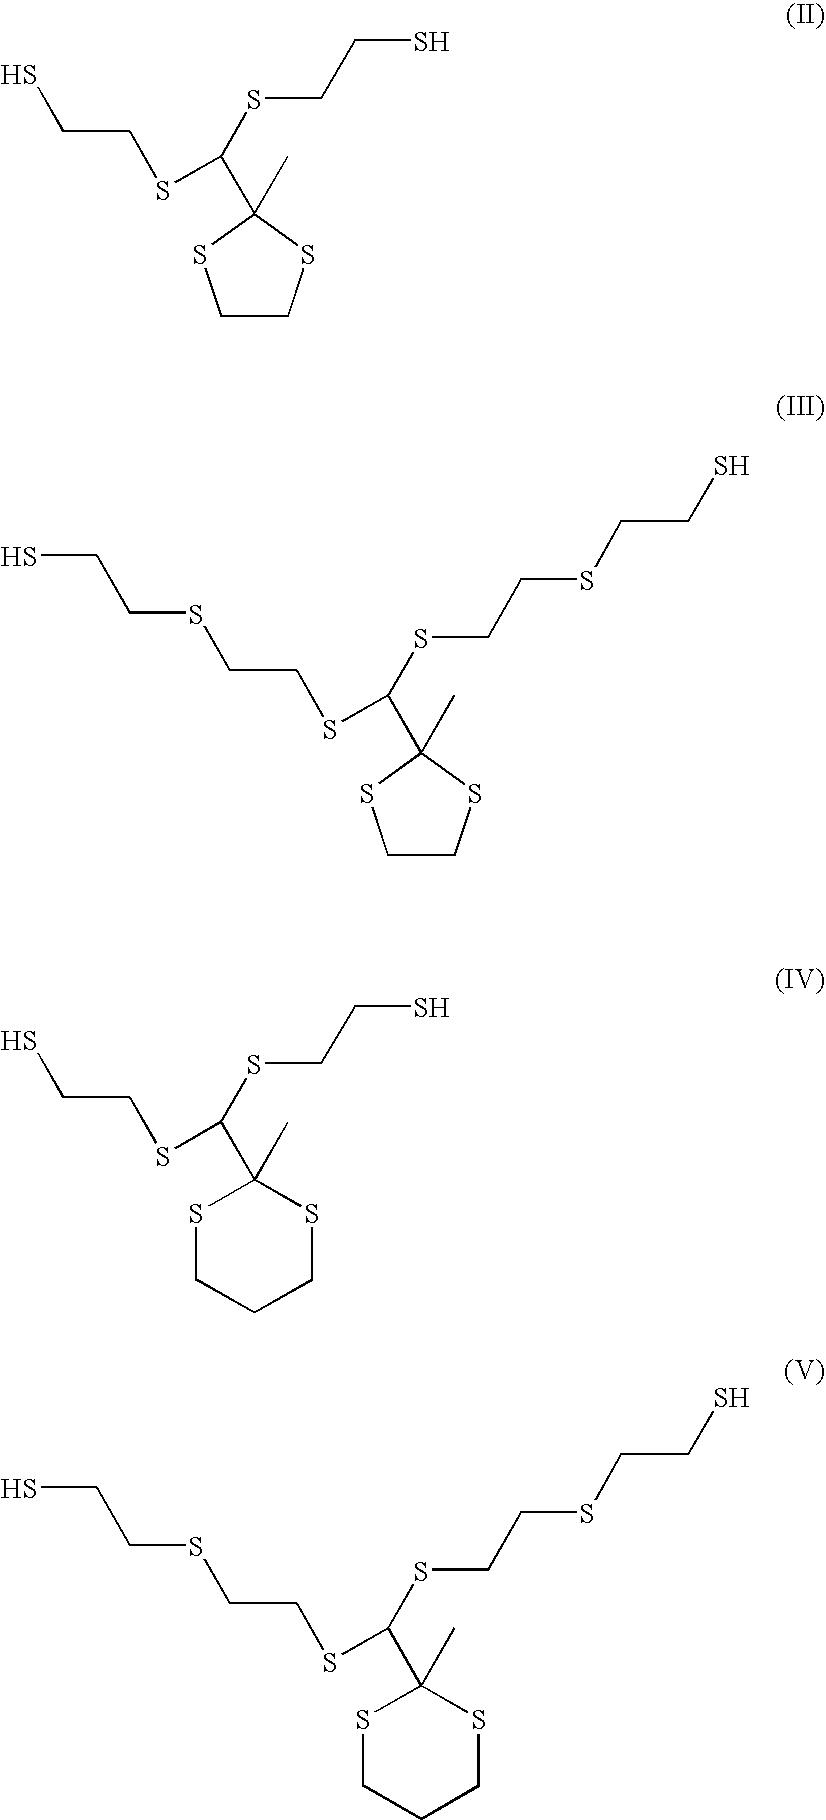 Figure US07553925-20090630-C00002